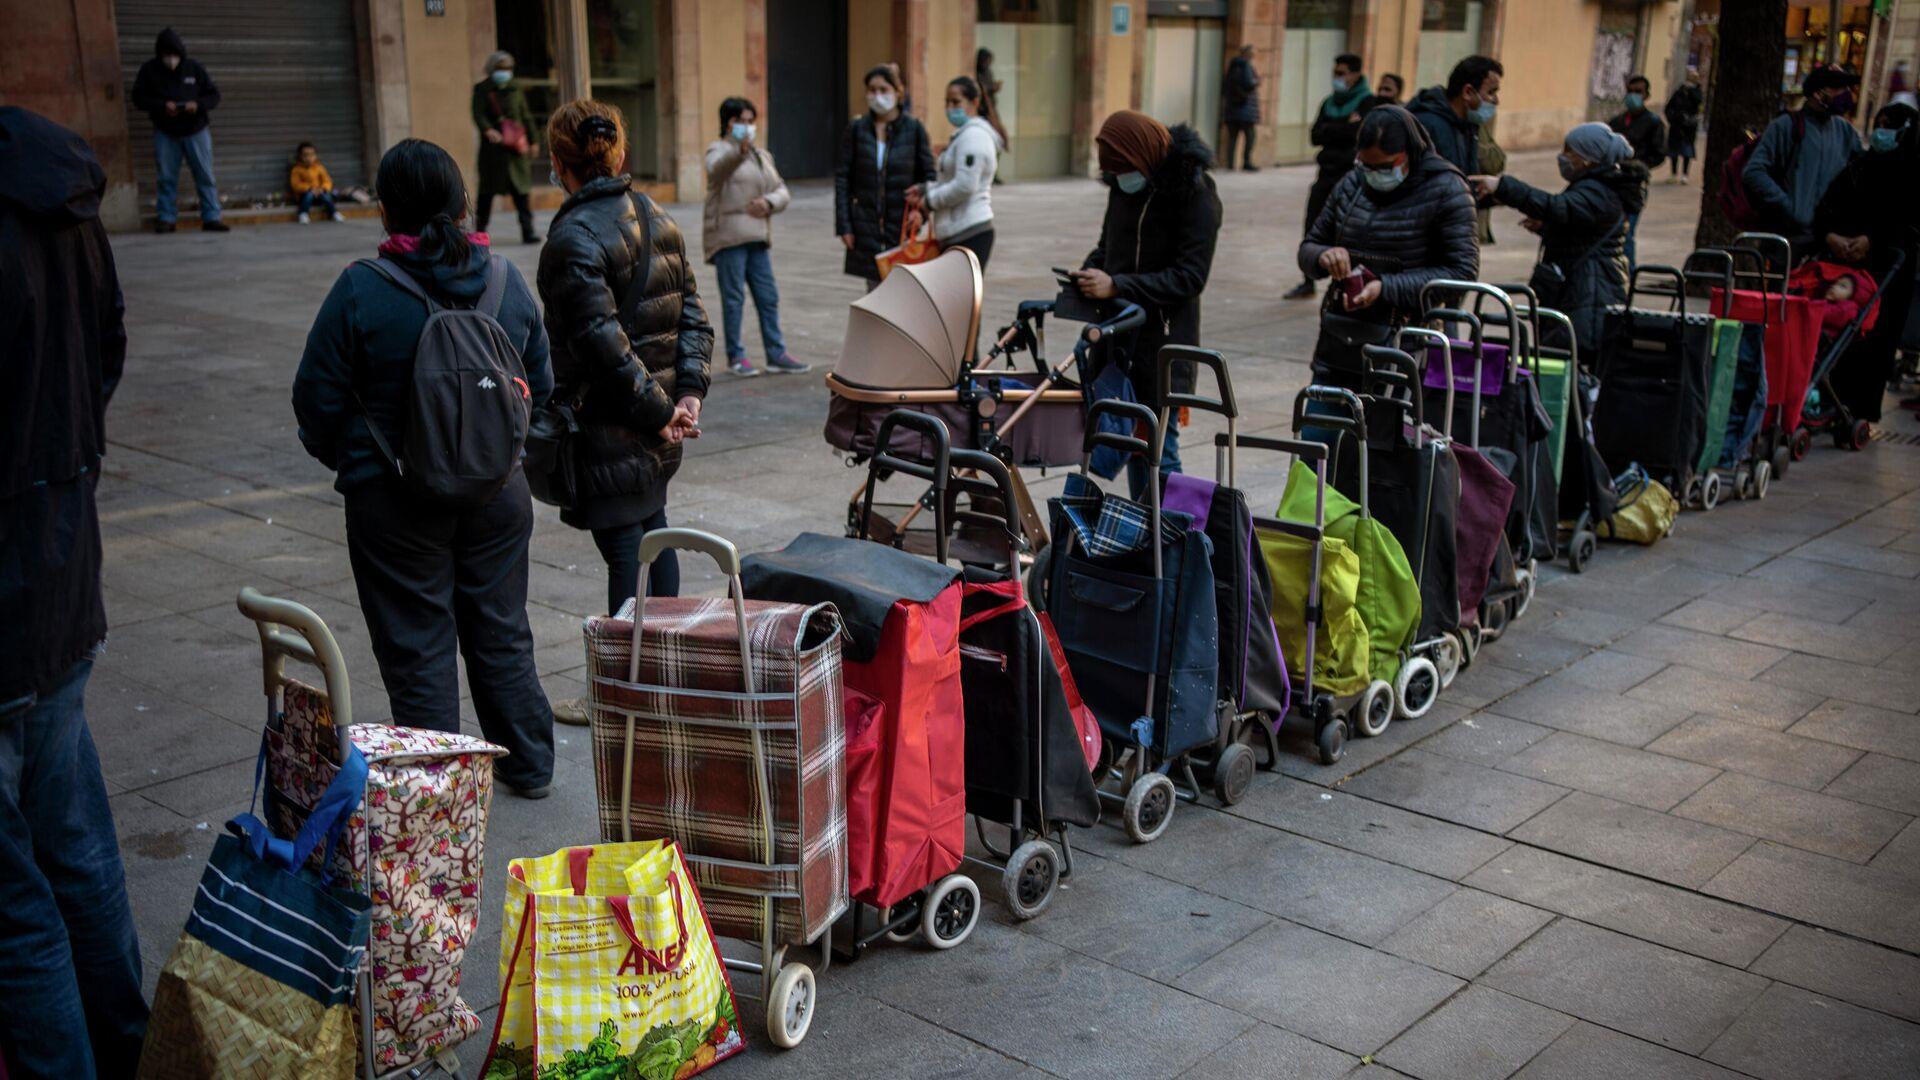 Carritos de compras alineados junto a sus dueños, esperando su turno para recibir un paquete semanal de alimentos y suministros donados, afuera de una iglesia en Barcelona, España, el miércoles 3 de febrero de 2021. - Sputnik Mundo, 1920, 04.03.2021